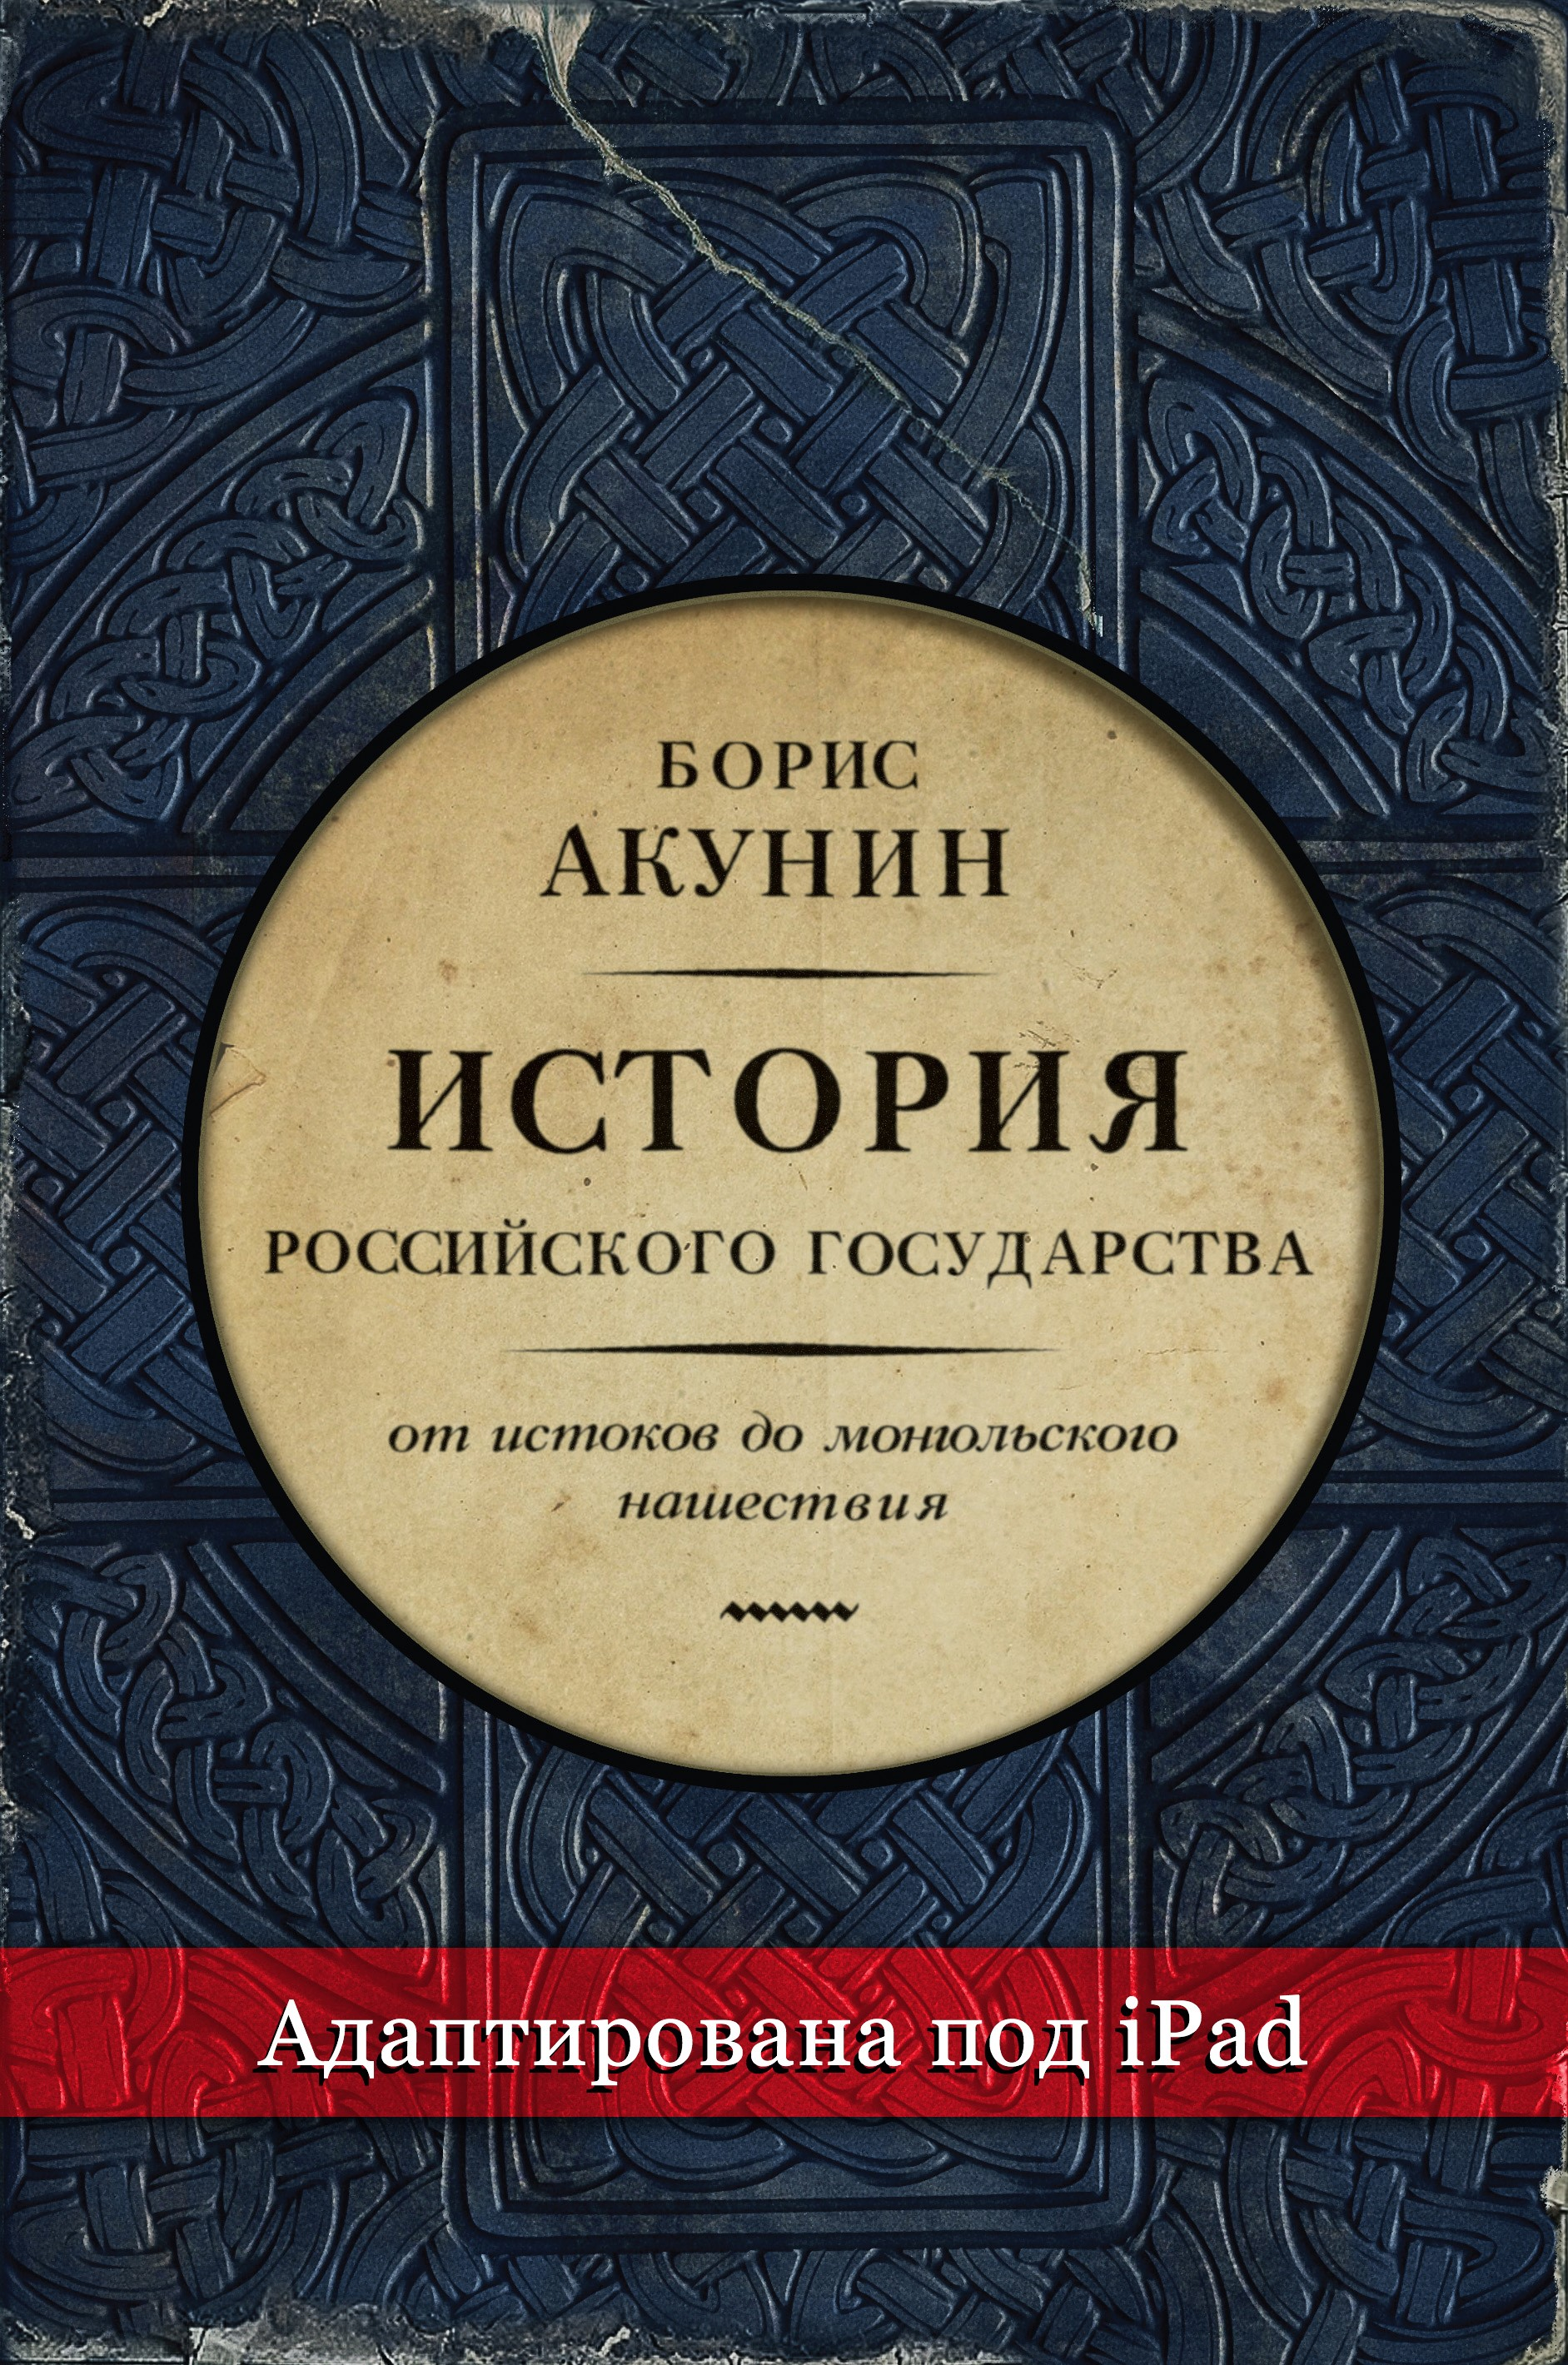 chast evropy istoriya rossiyskogo gosudarstva ot istokov do mongolskogo nashestviya adaptirovana pod ipad